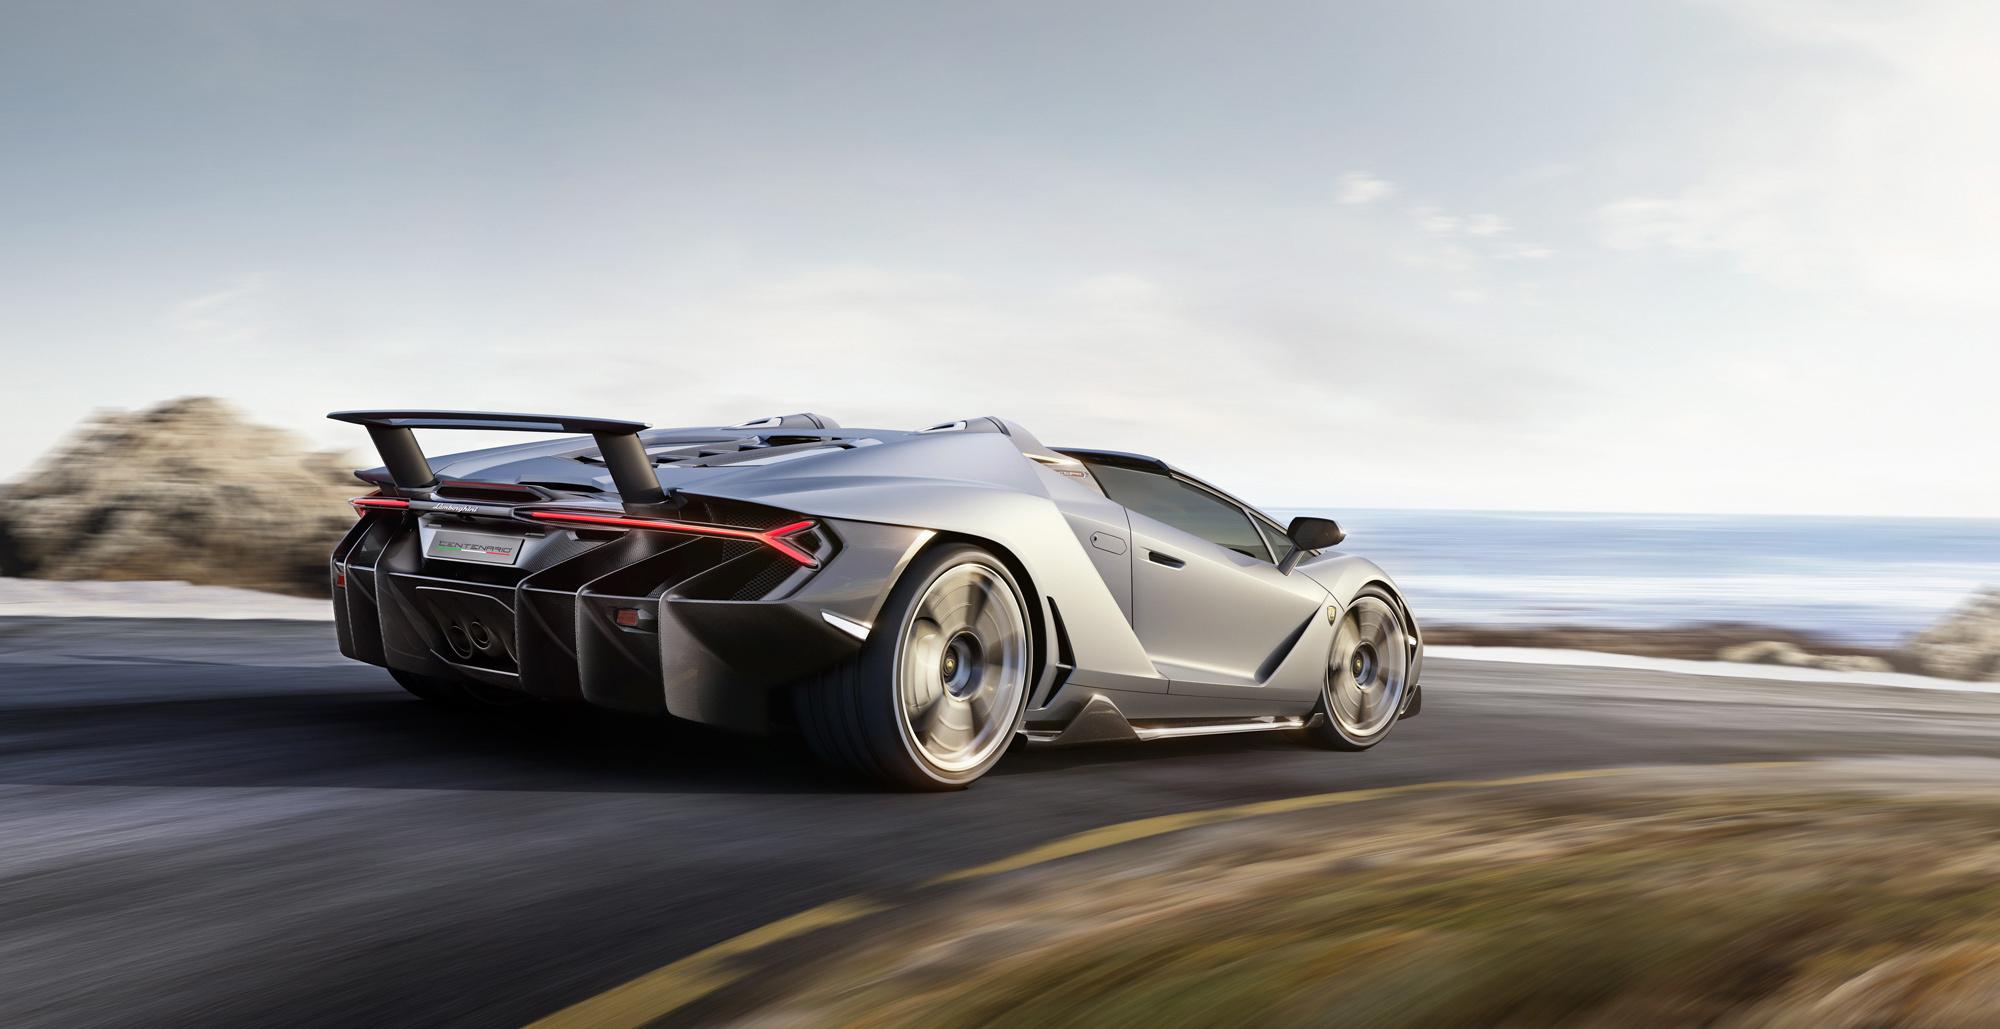 Lamborghini Centenario Roadster Images